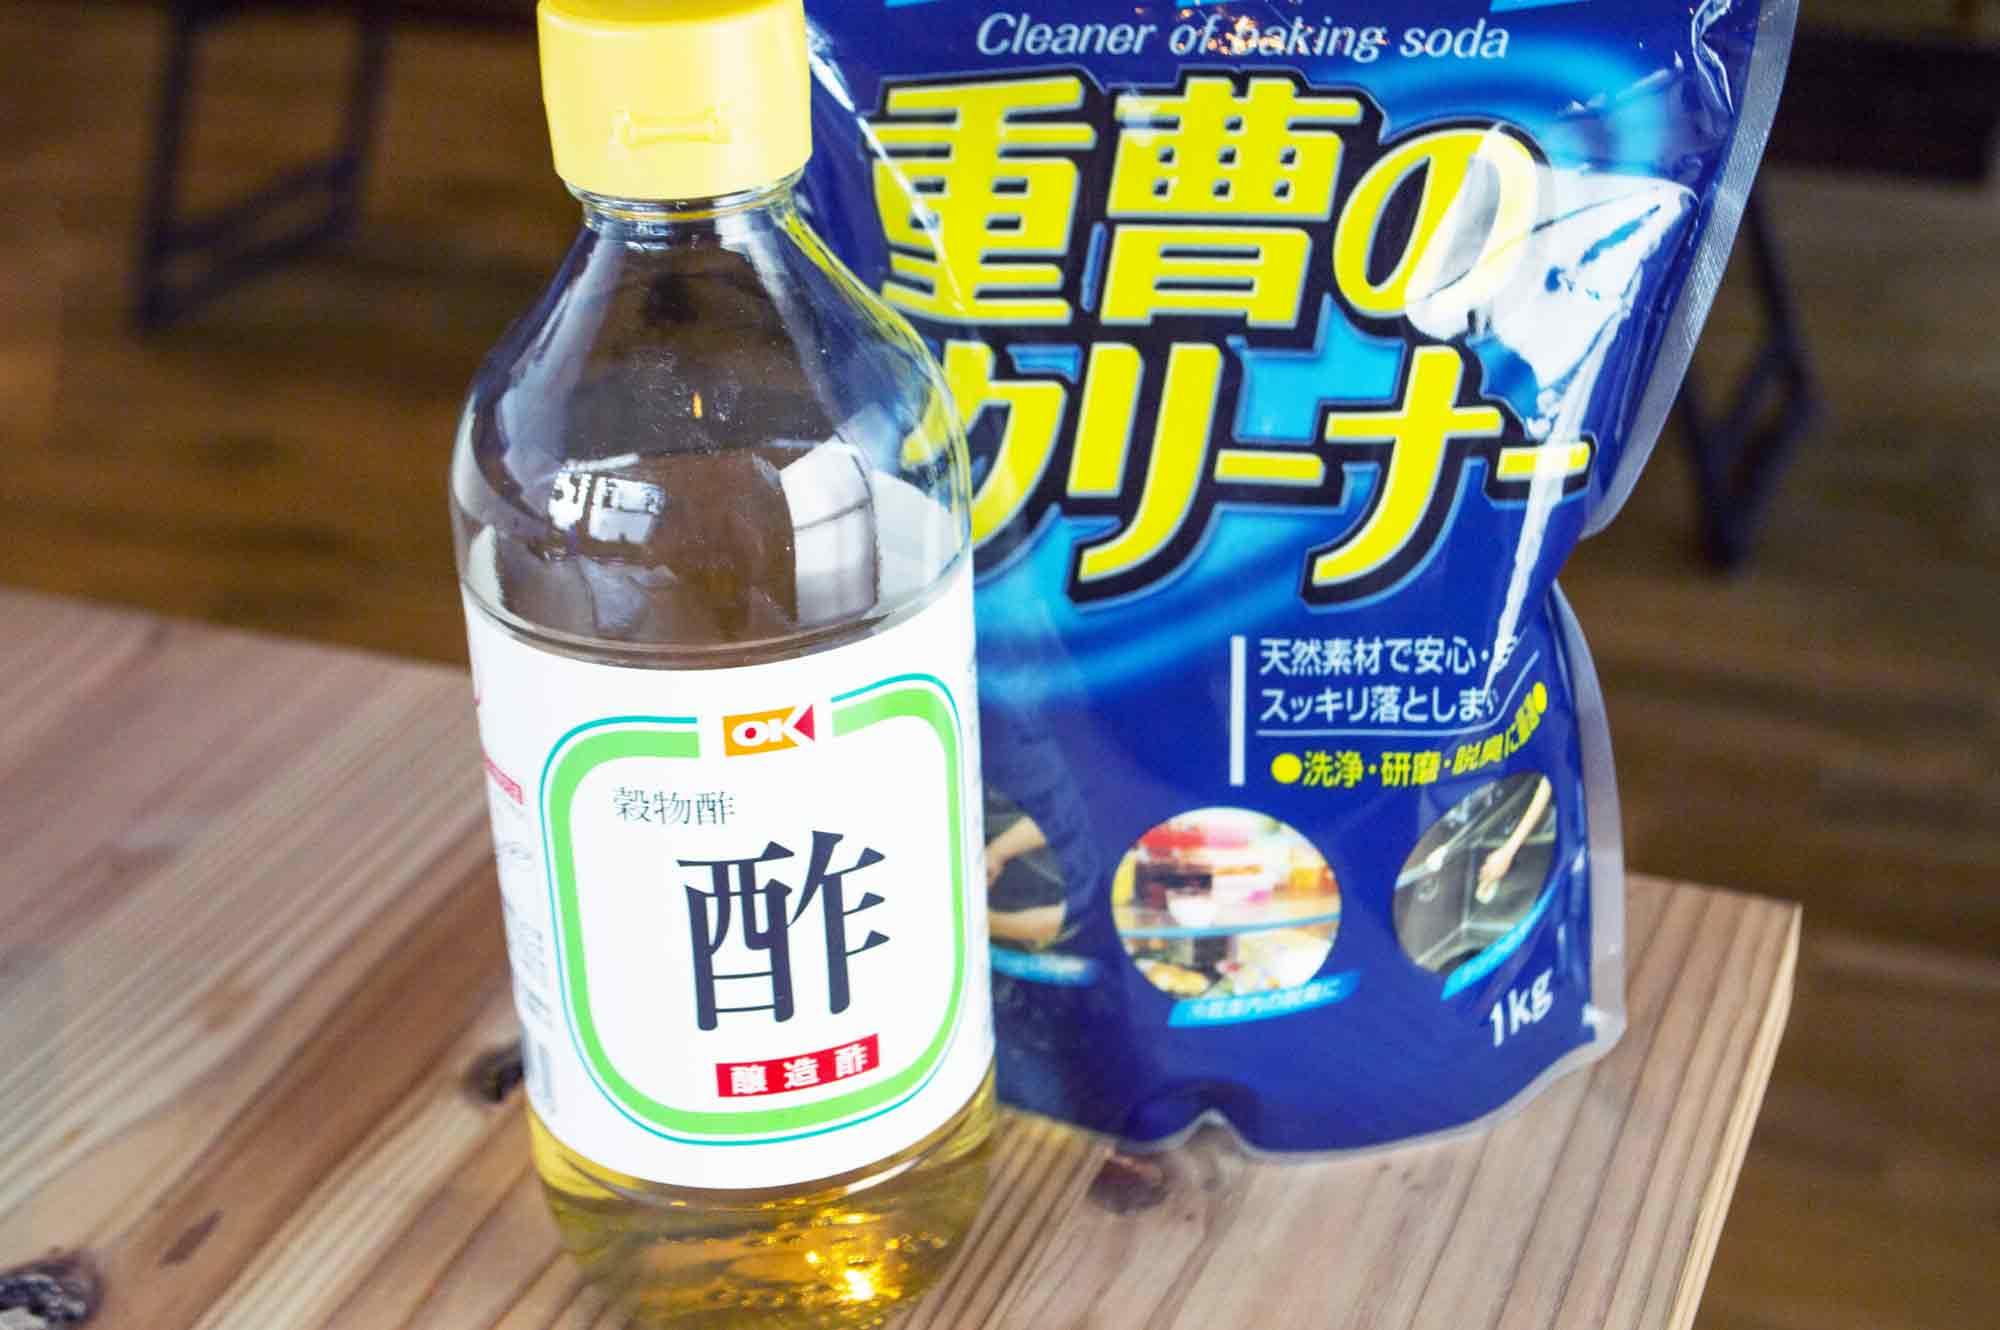 お酢の瓶と重曹粉末パッケージ